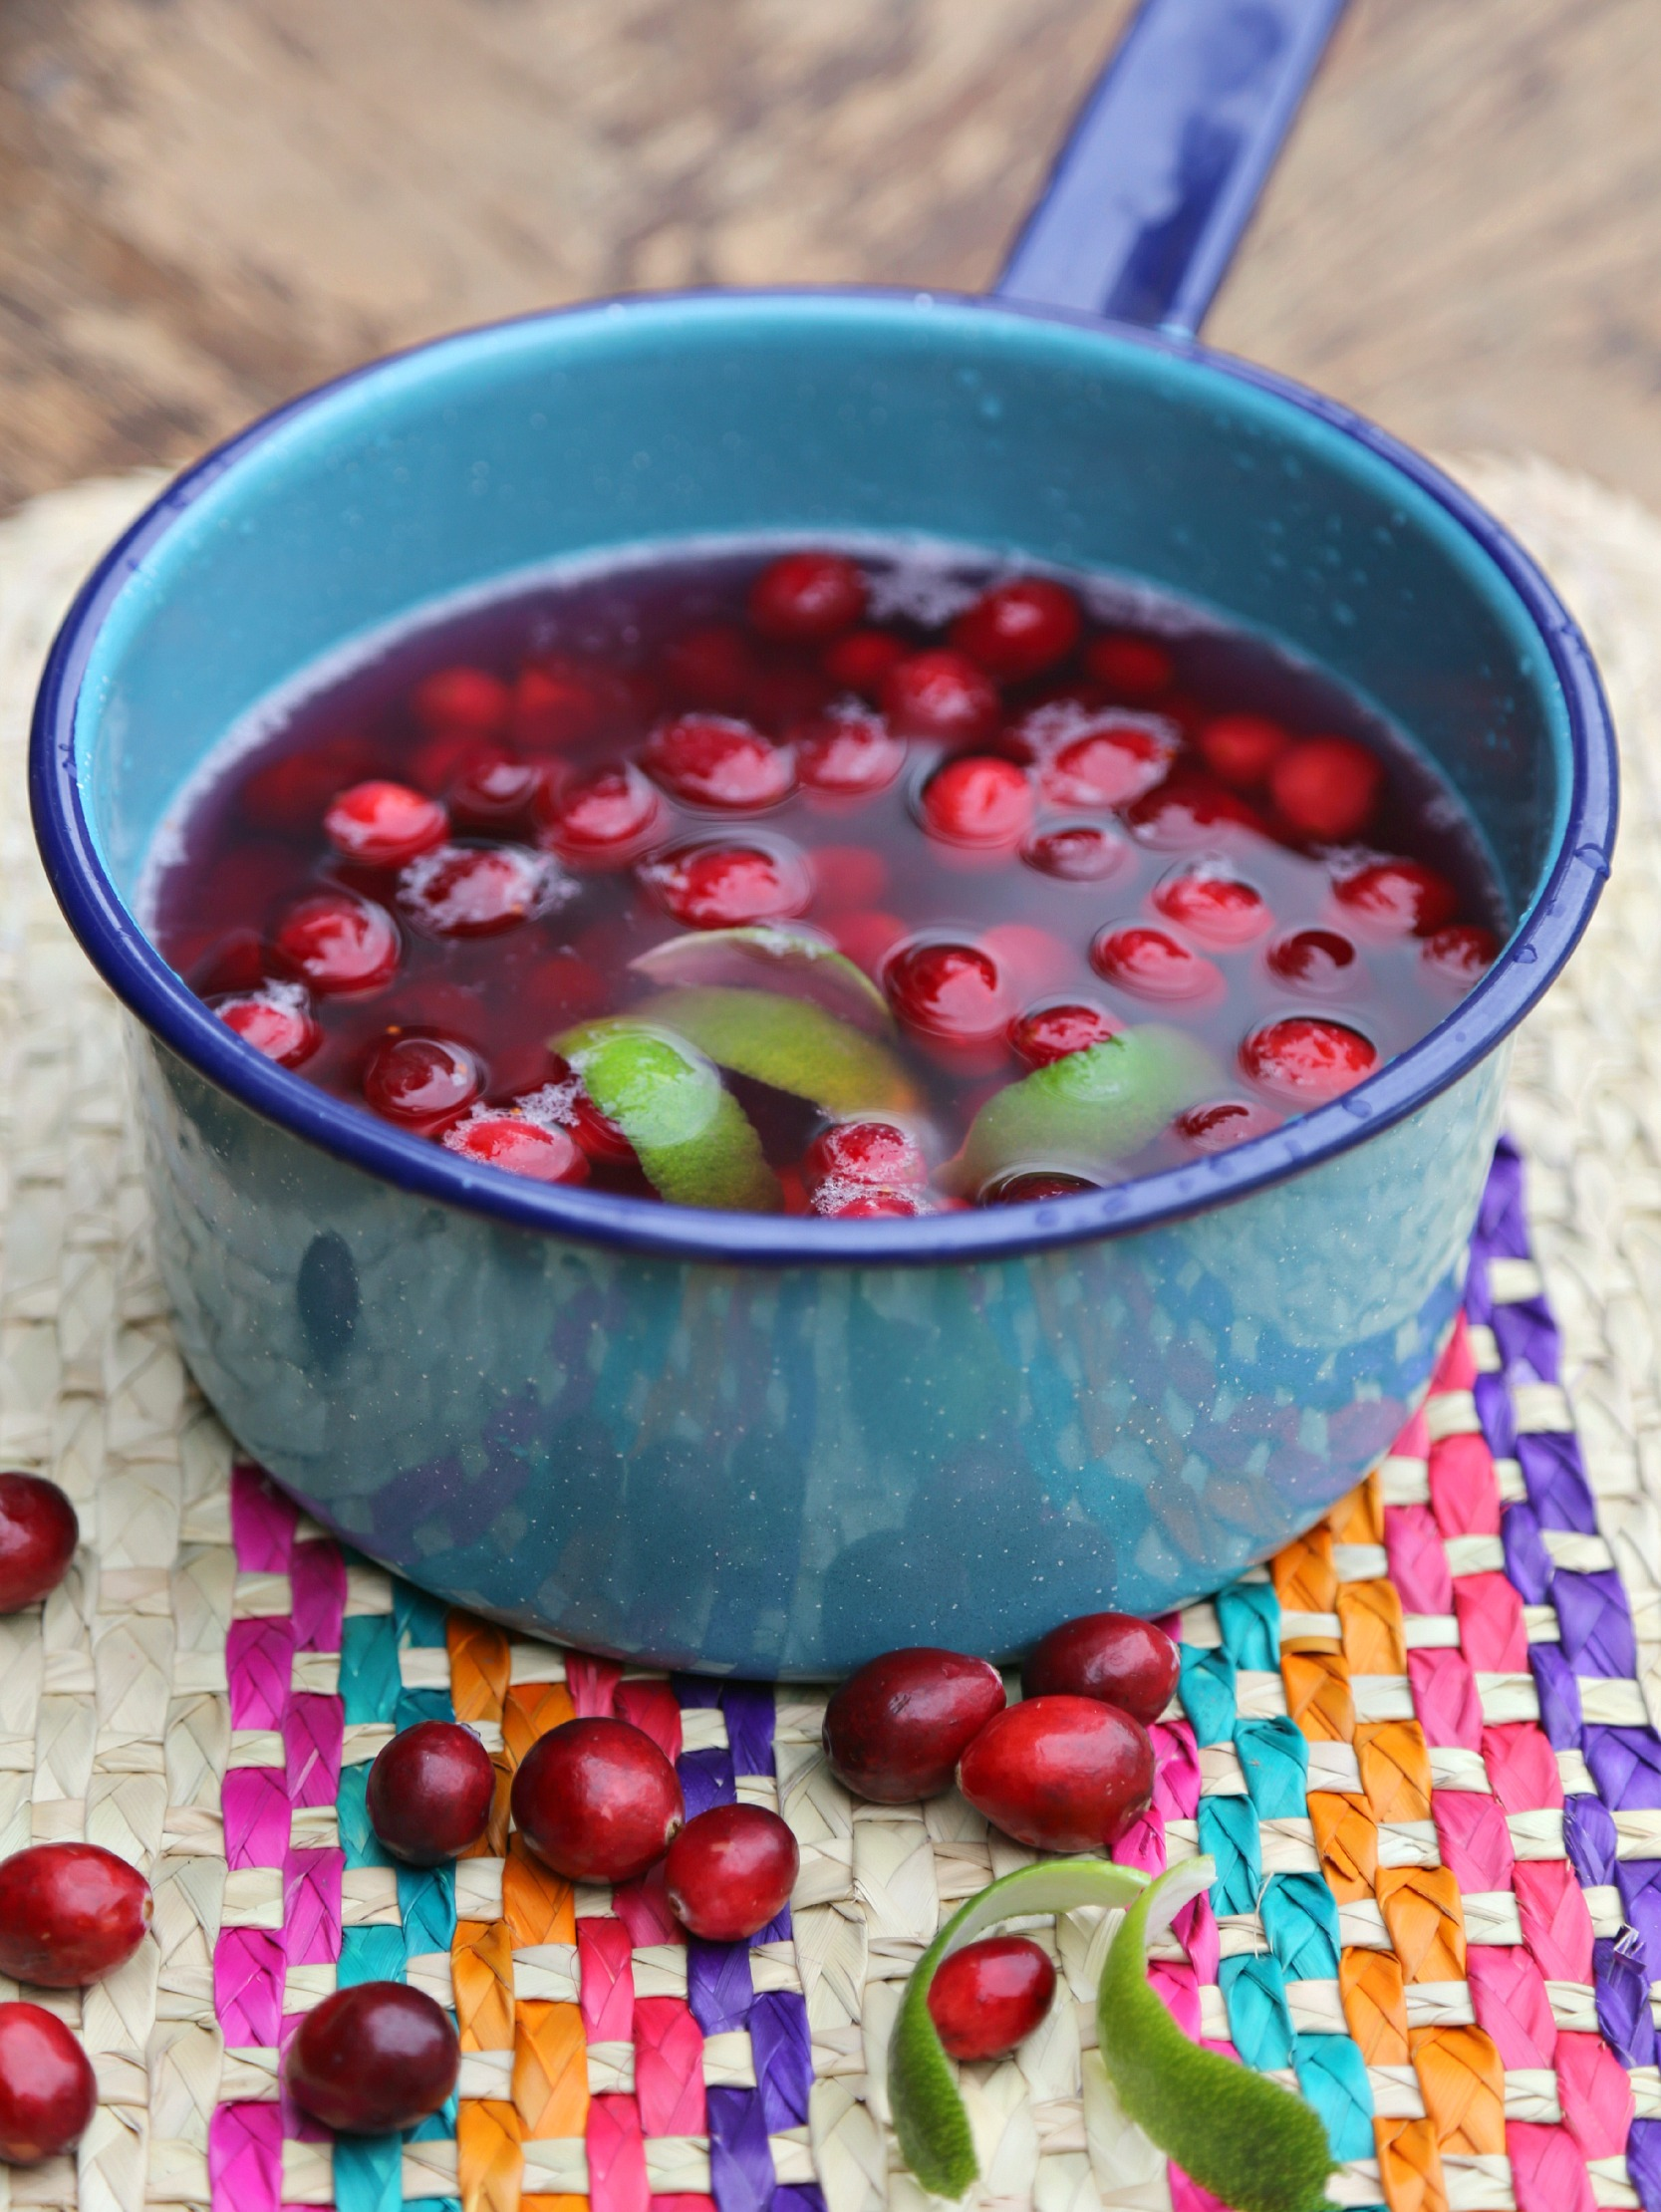 infused-vodka-cranberry-vianneyrodriguez-sweetlifebake